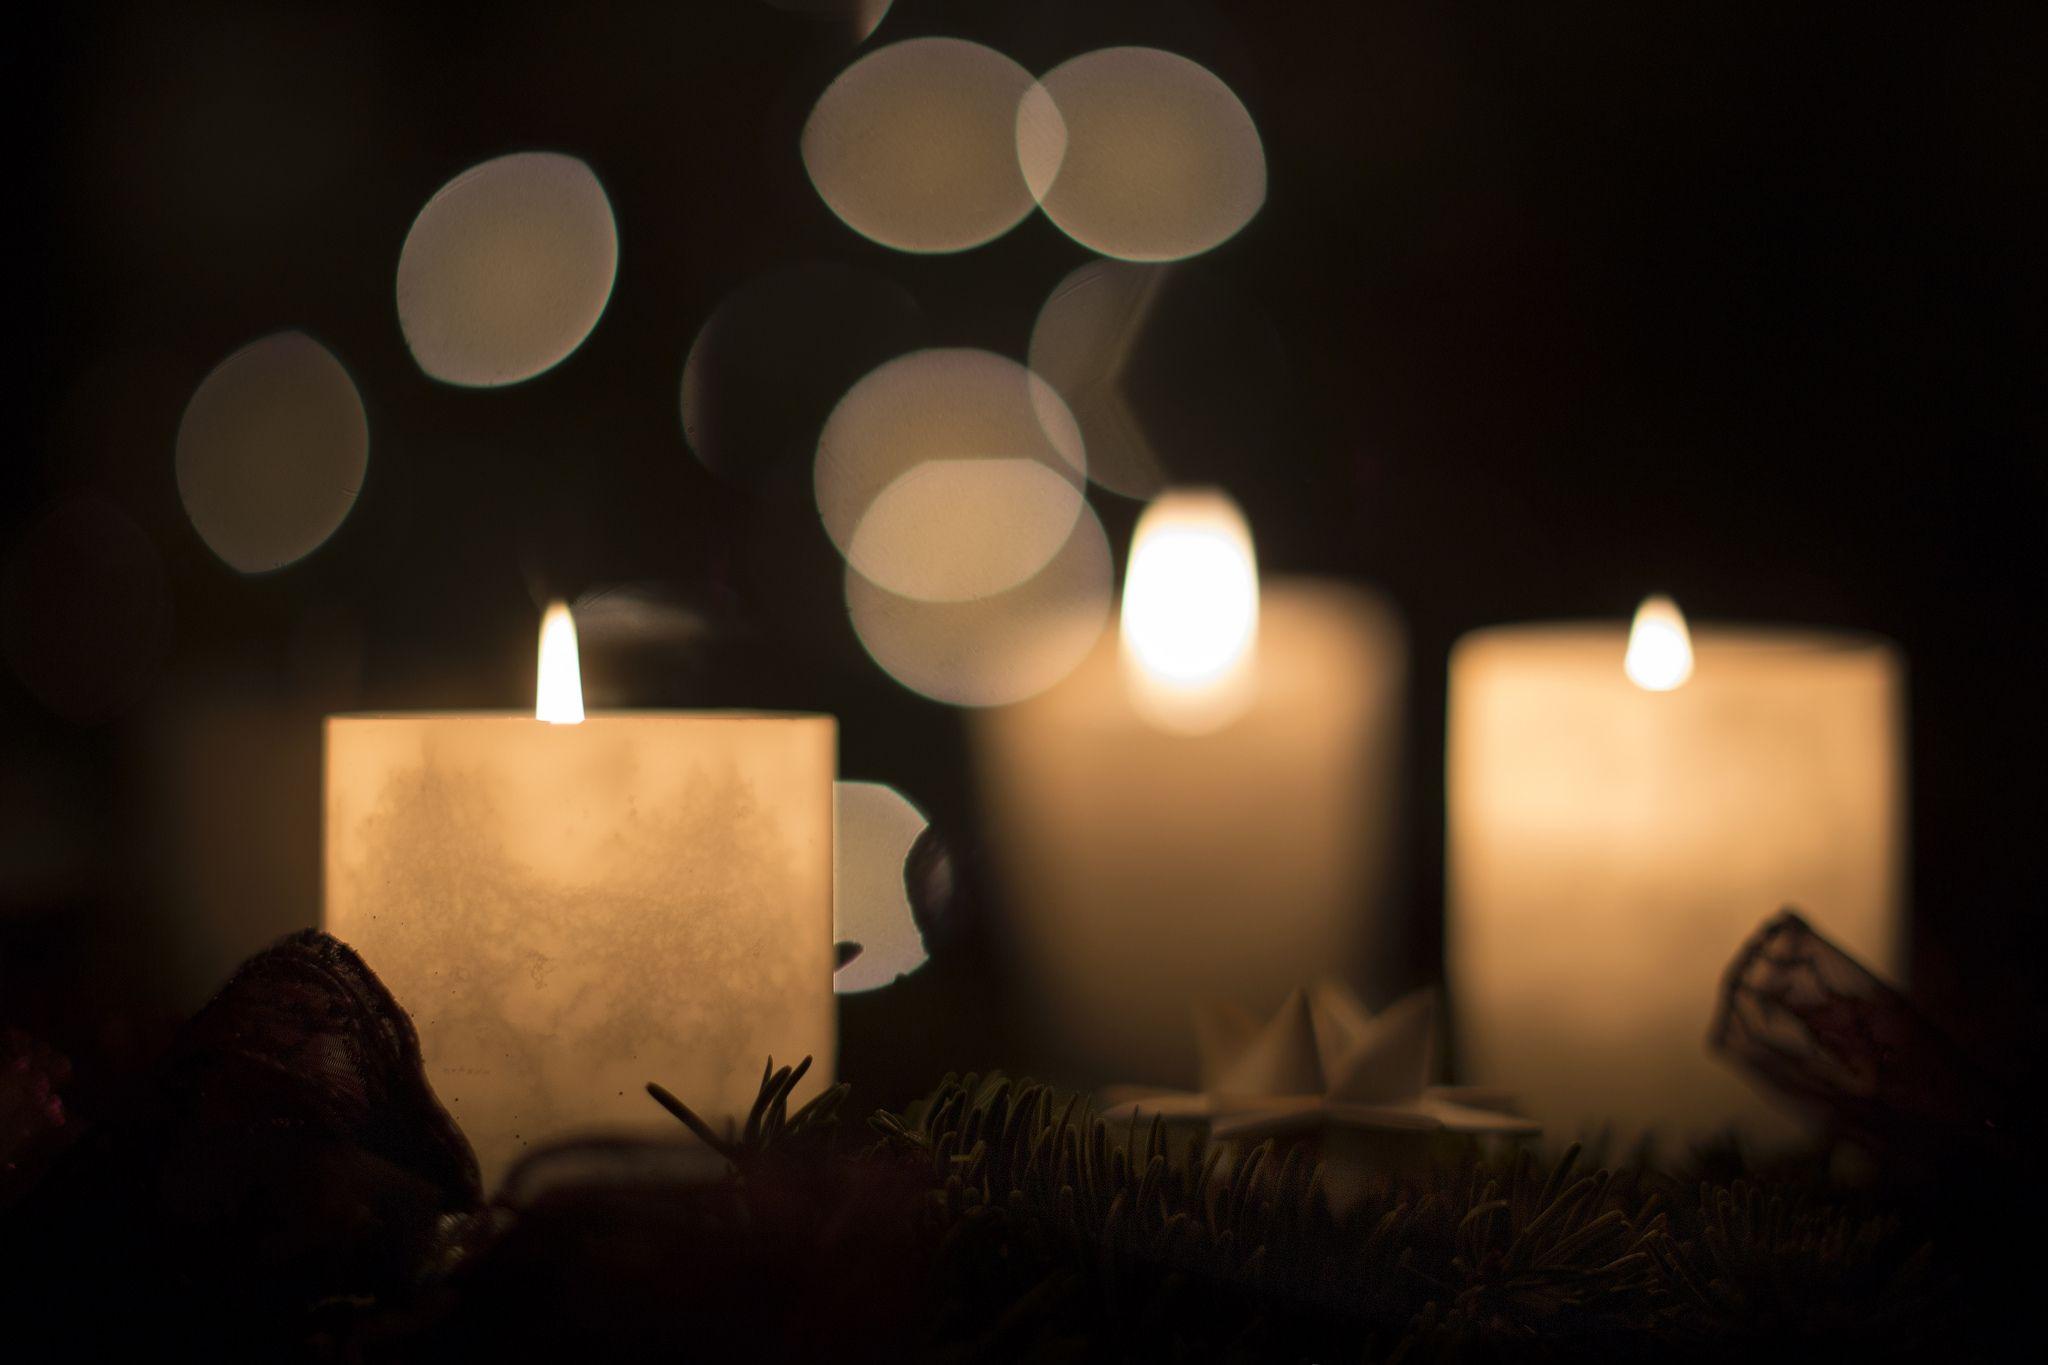 https://flic.kr/p/C1MTzM   Dritter Advent   Ich wünsche einen schönen dritten Advent. Wir haben gestern den Weihnachtsbaum aufgestellt. Er leuchtet im Hintergrund...  Kamera: Canon Eos 6D Objektiv: Canon FD 50mm 1:1.2  analoge Welten │ Facebook │ tumblr │ Wetter-Stream │ E-Mail